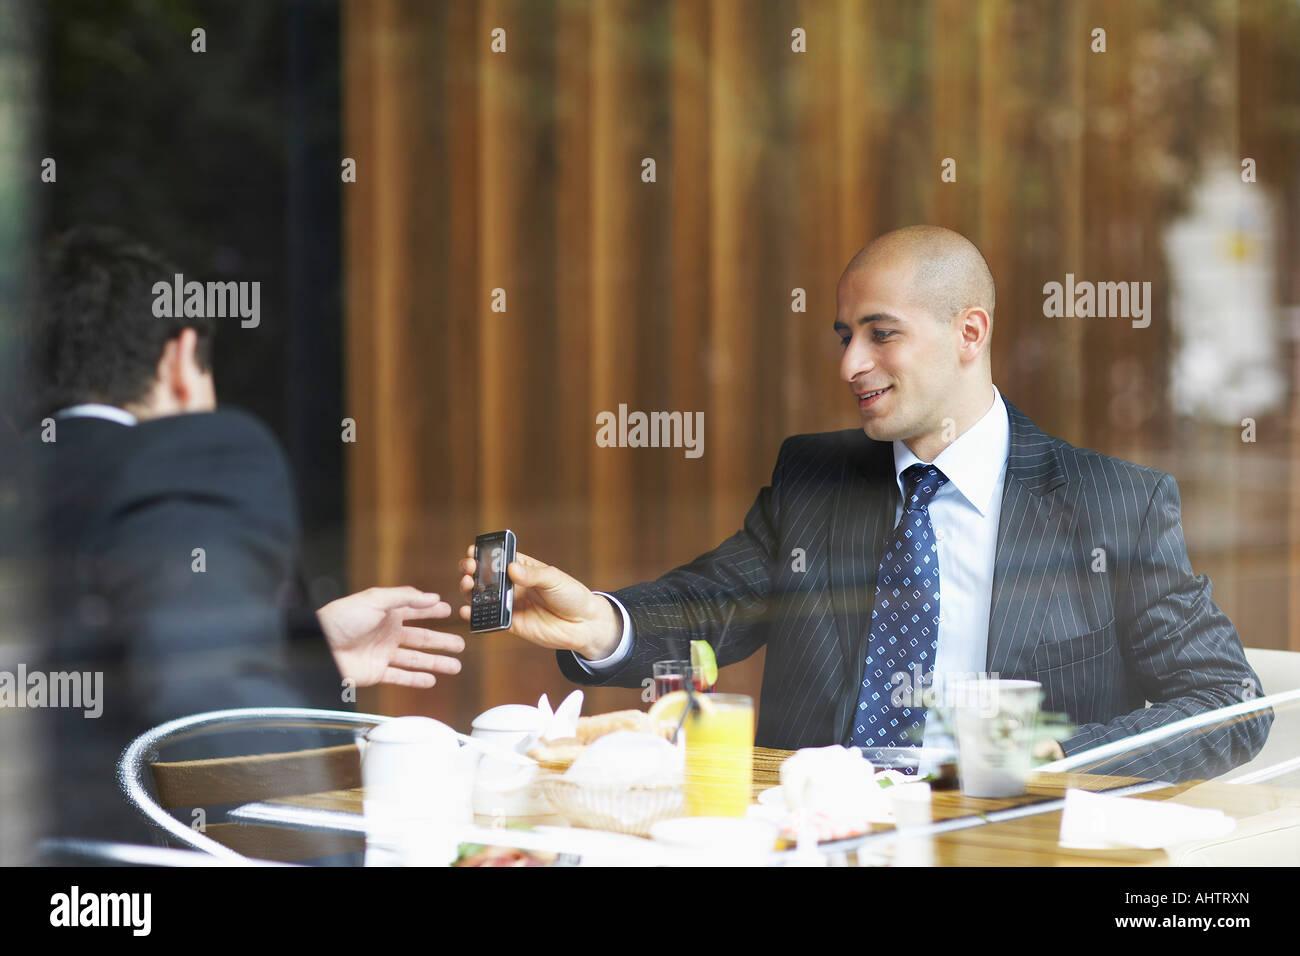 Zwei Geschäftsleute in ein Restaurant mit Blick auf ein Handy Stockbild